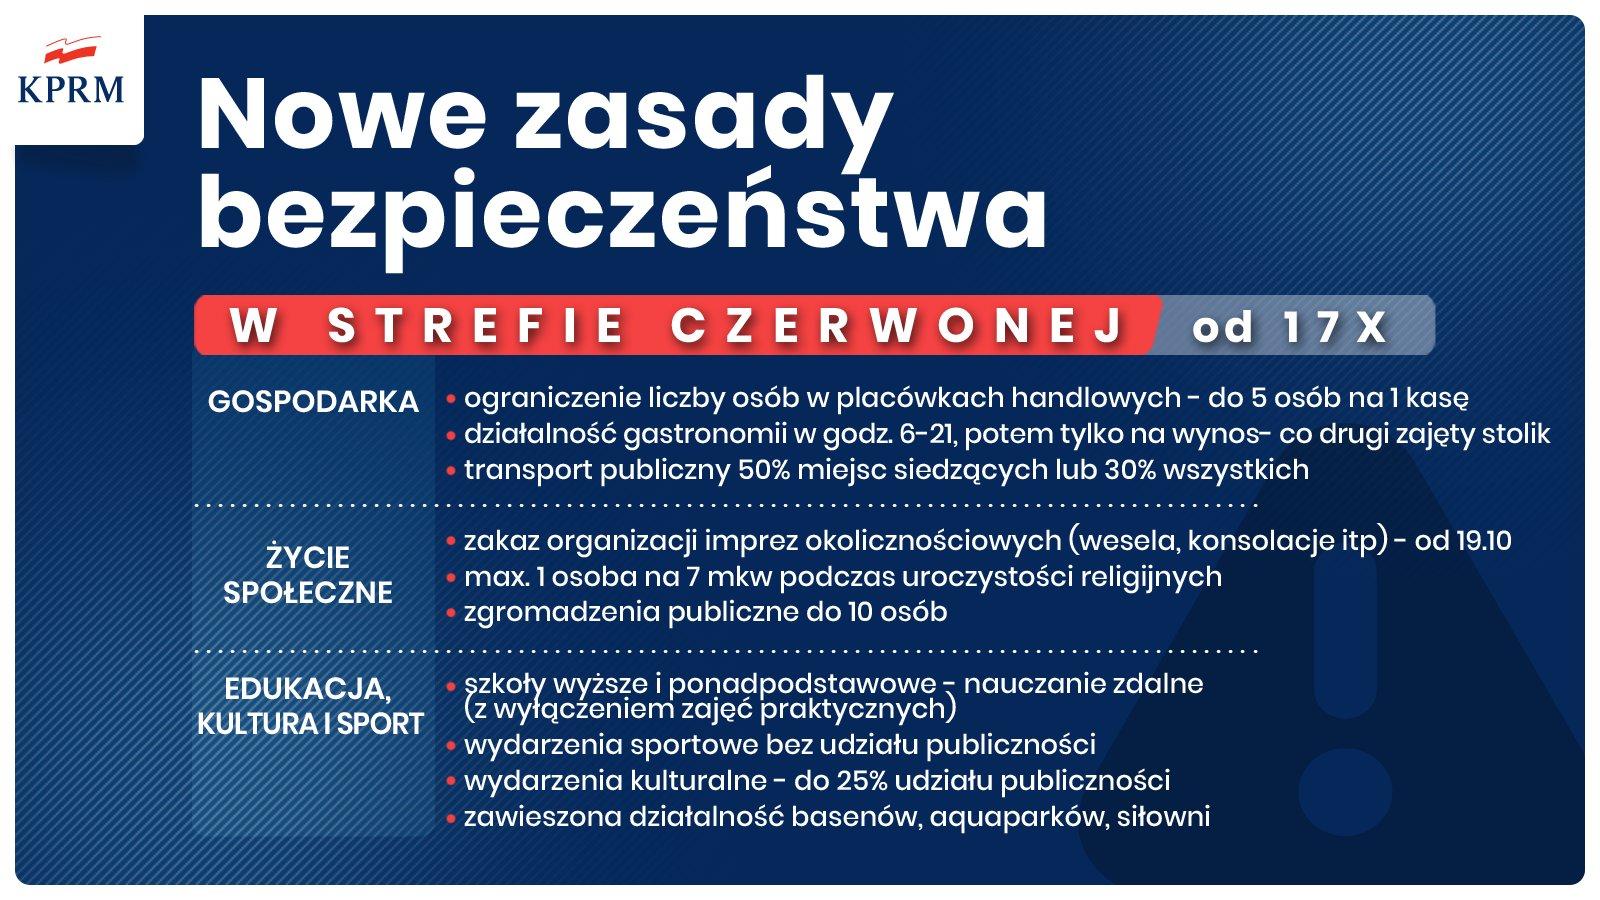 Nowe zasady bezpieczeństwa w strefie czerwonej od 17.10.2020 r.